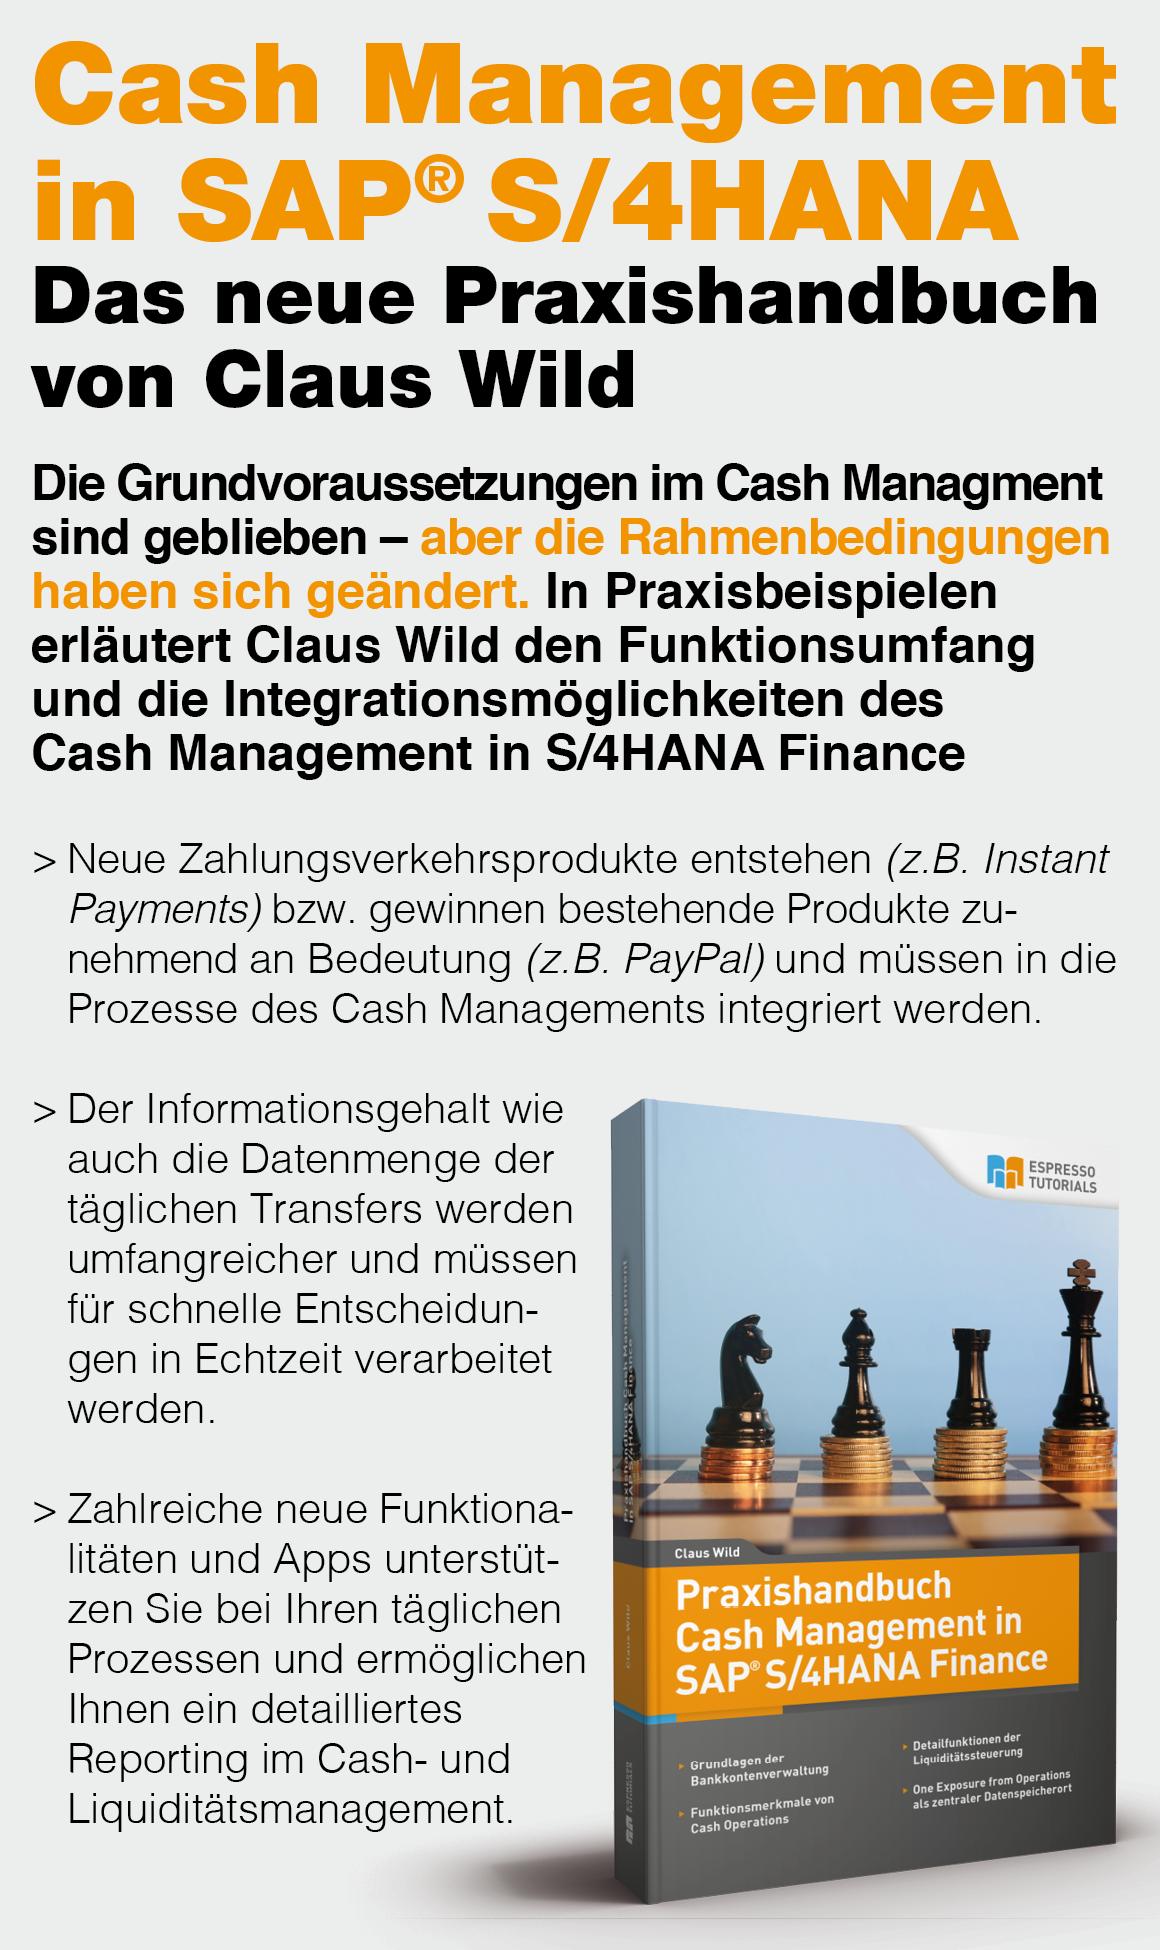 20181217_Praxishandbuch_SAP_Cash_Management.png